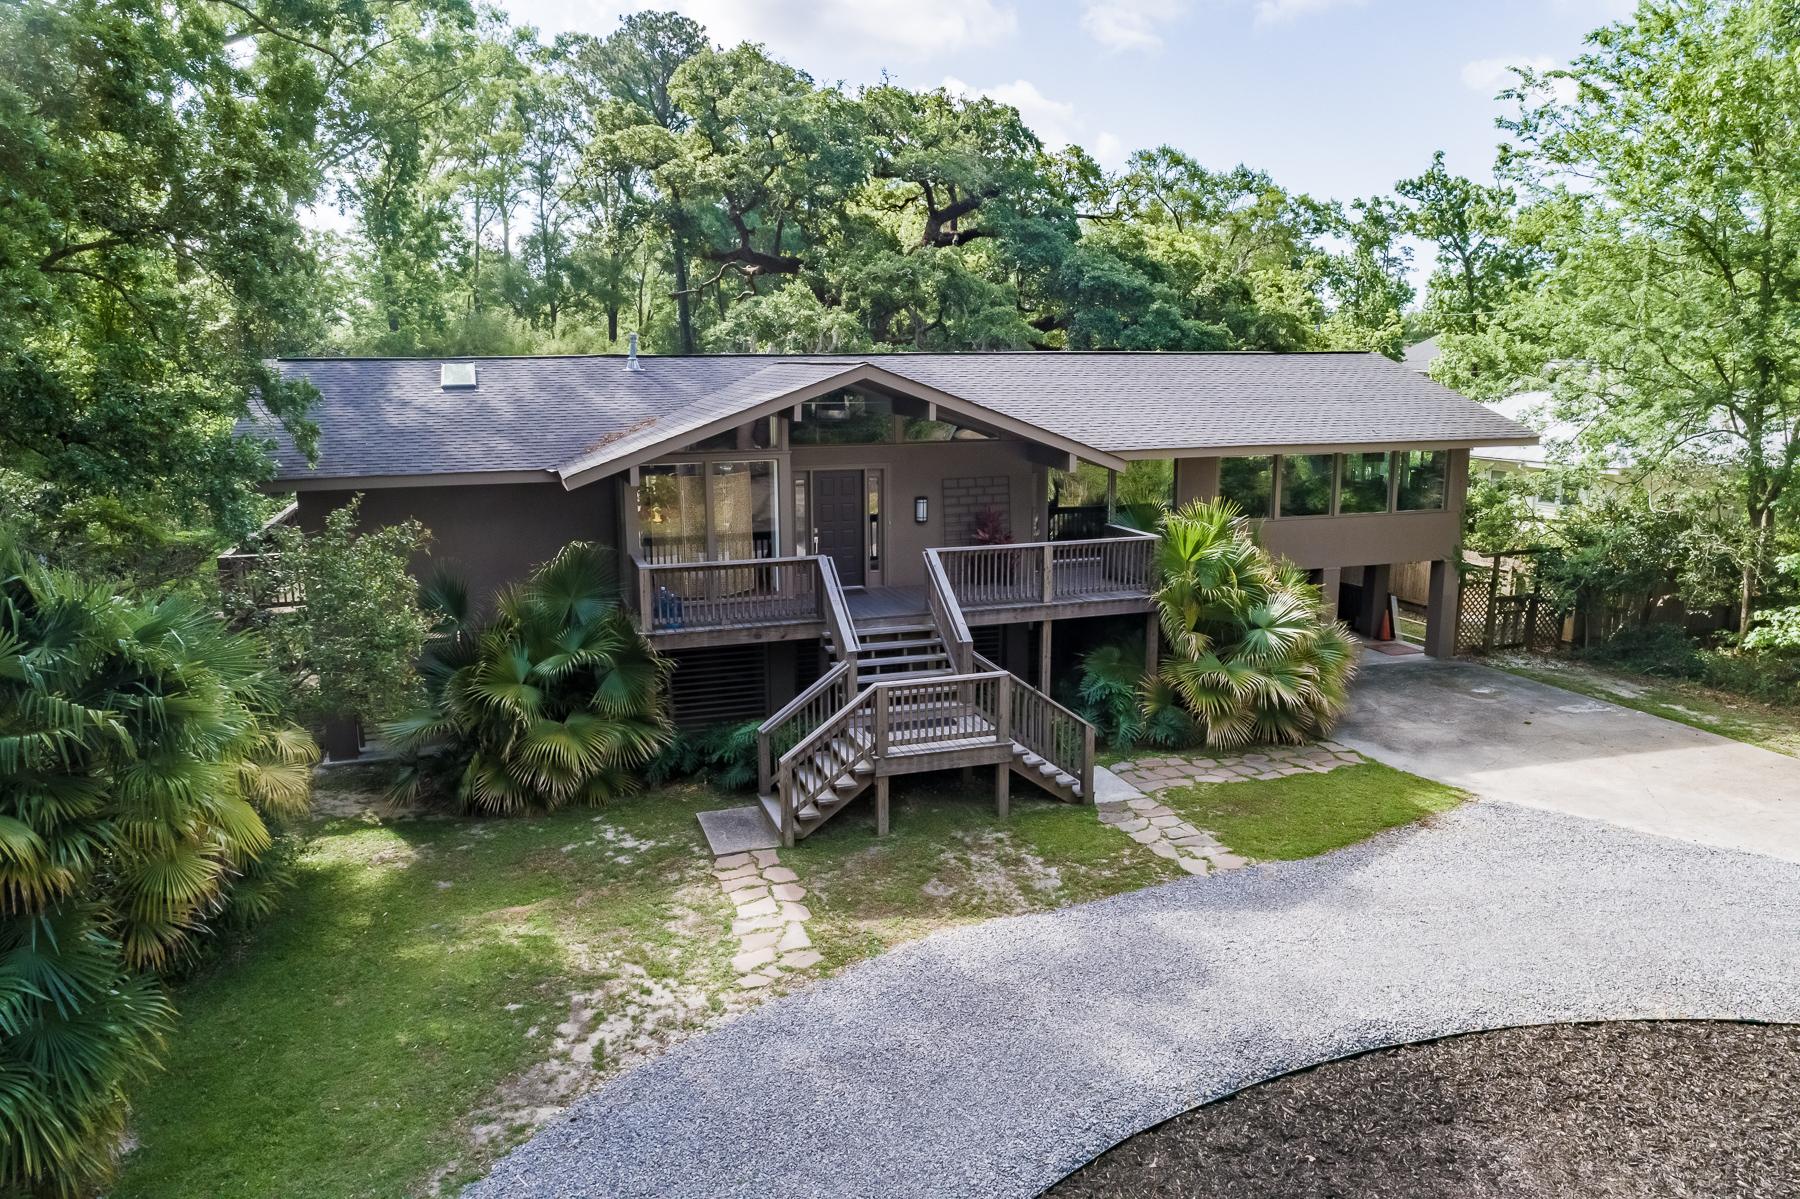 Tek Ailelik Ev için Satış at Chic Mid-Century Modern 315 Carondelet St. Mandeville, Louisiana, 70448 Amerika Birleşik Devletleri